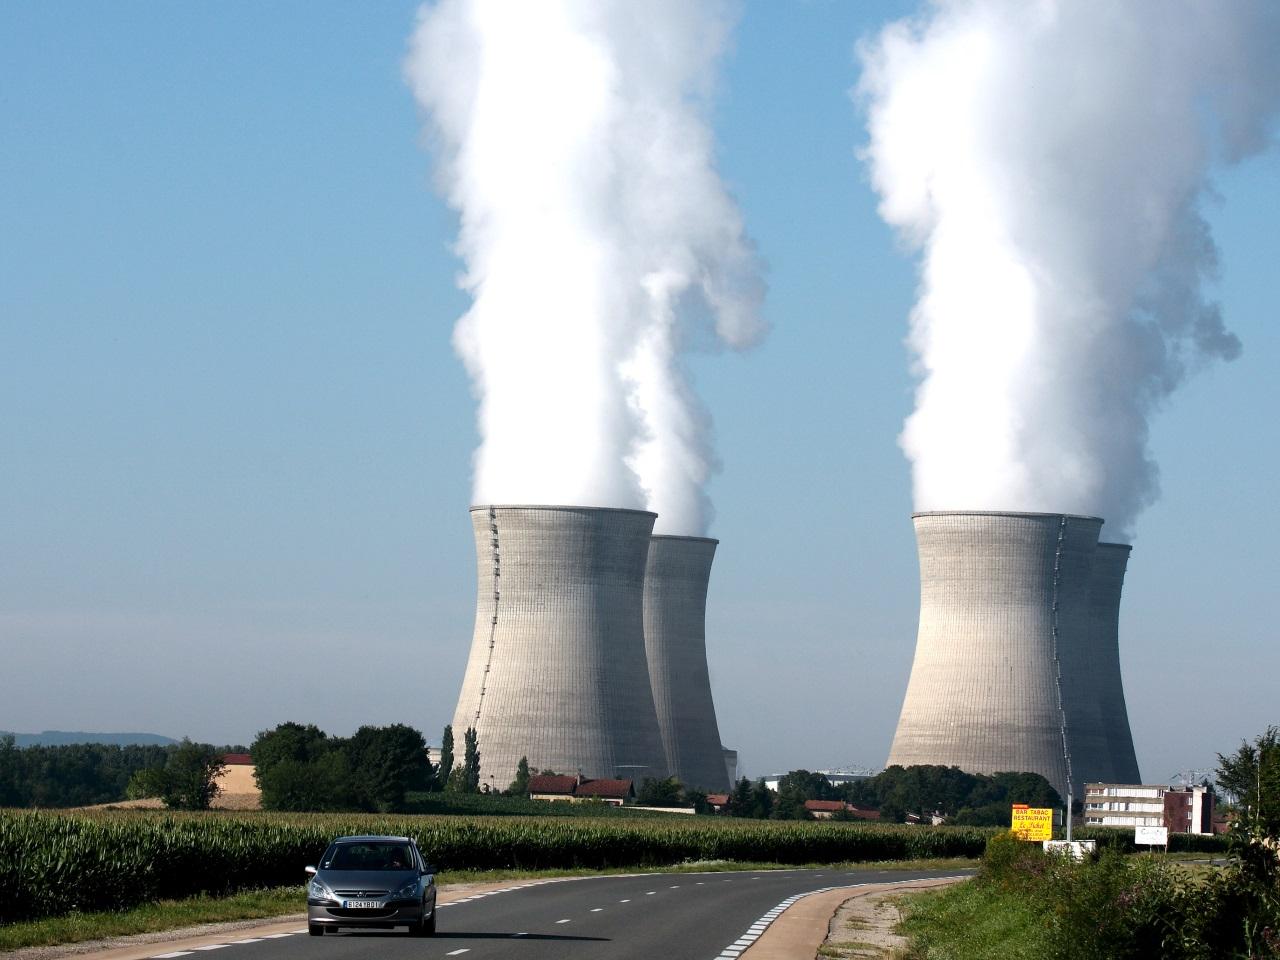 Des problèmes de fabrication sur six réacteurs en activité — Nucléaire